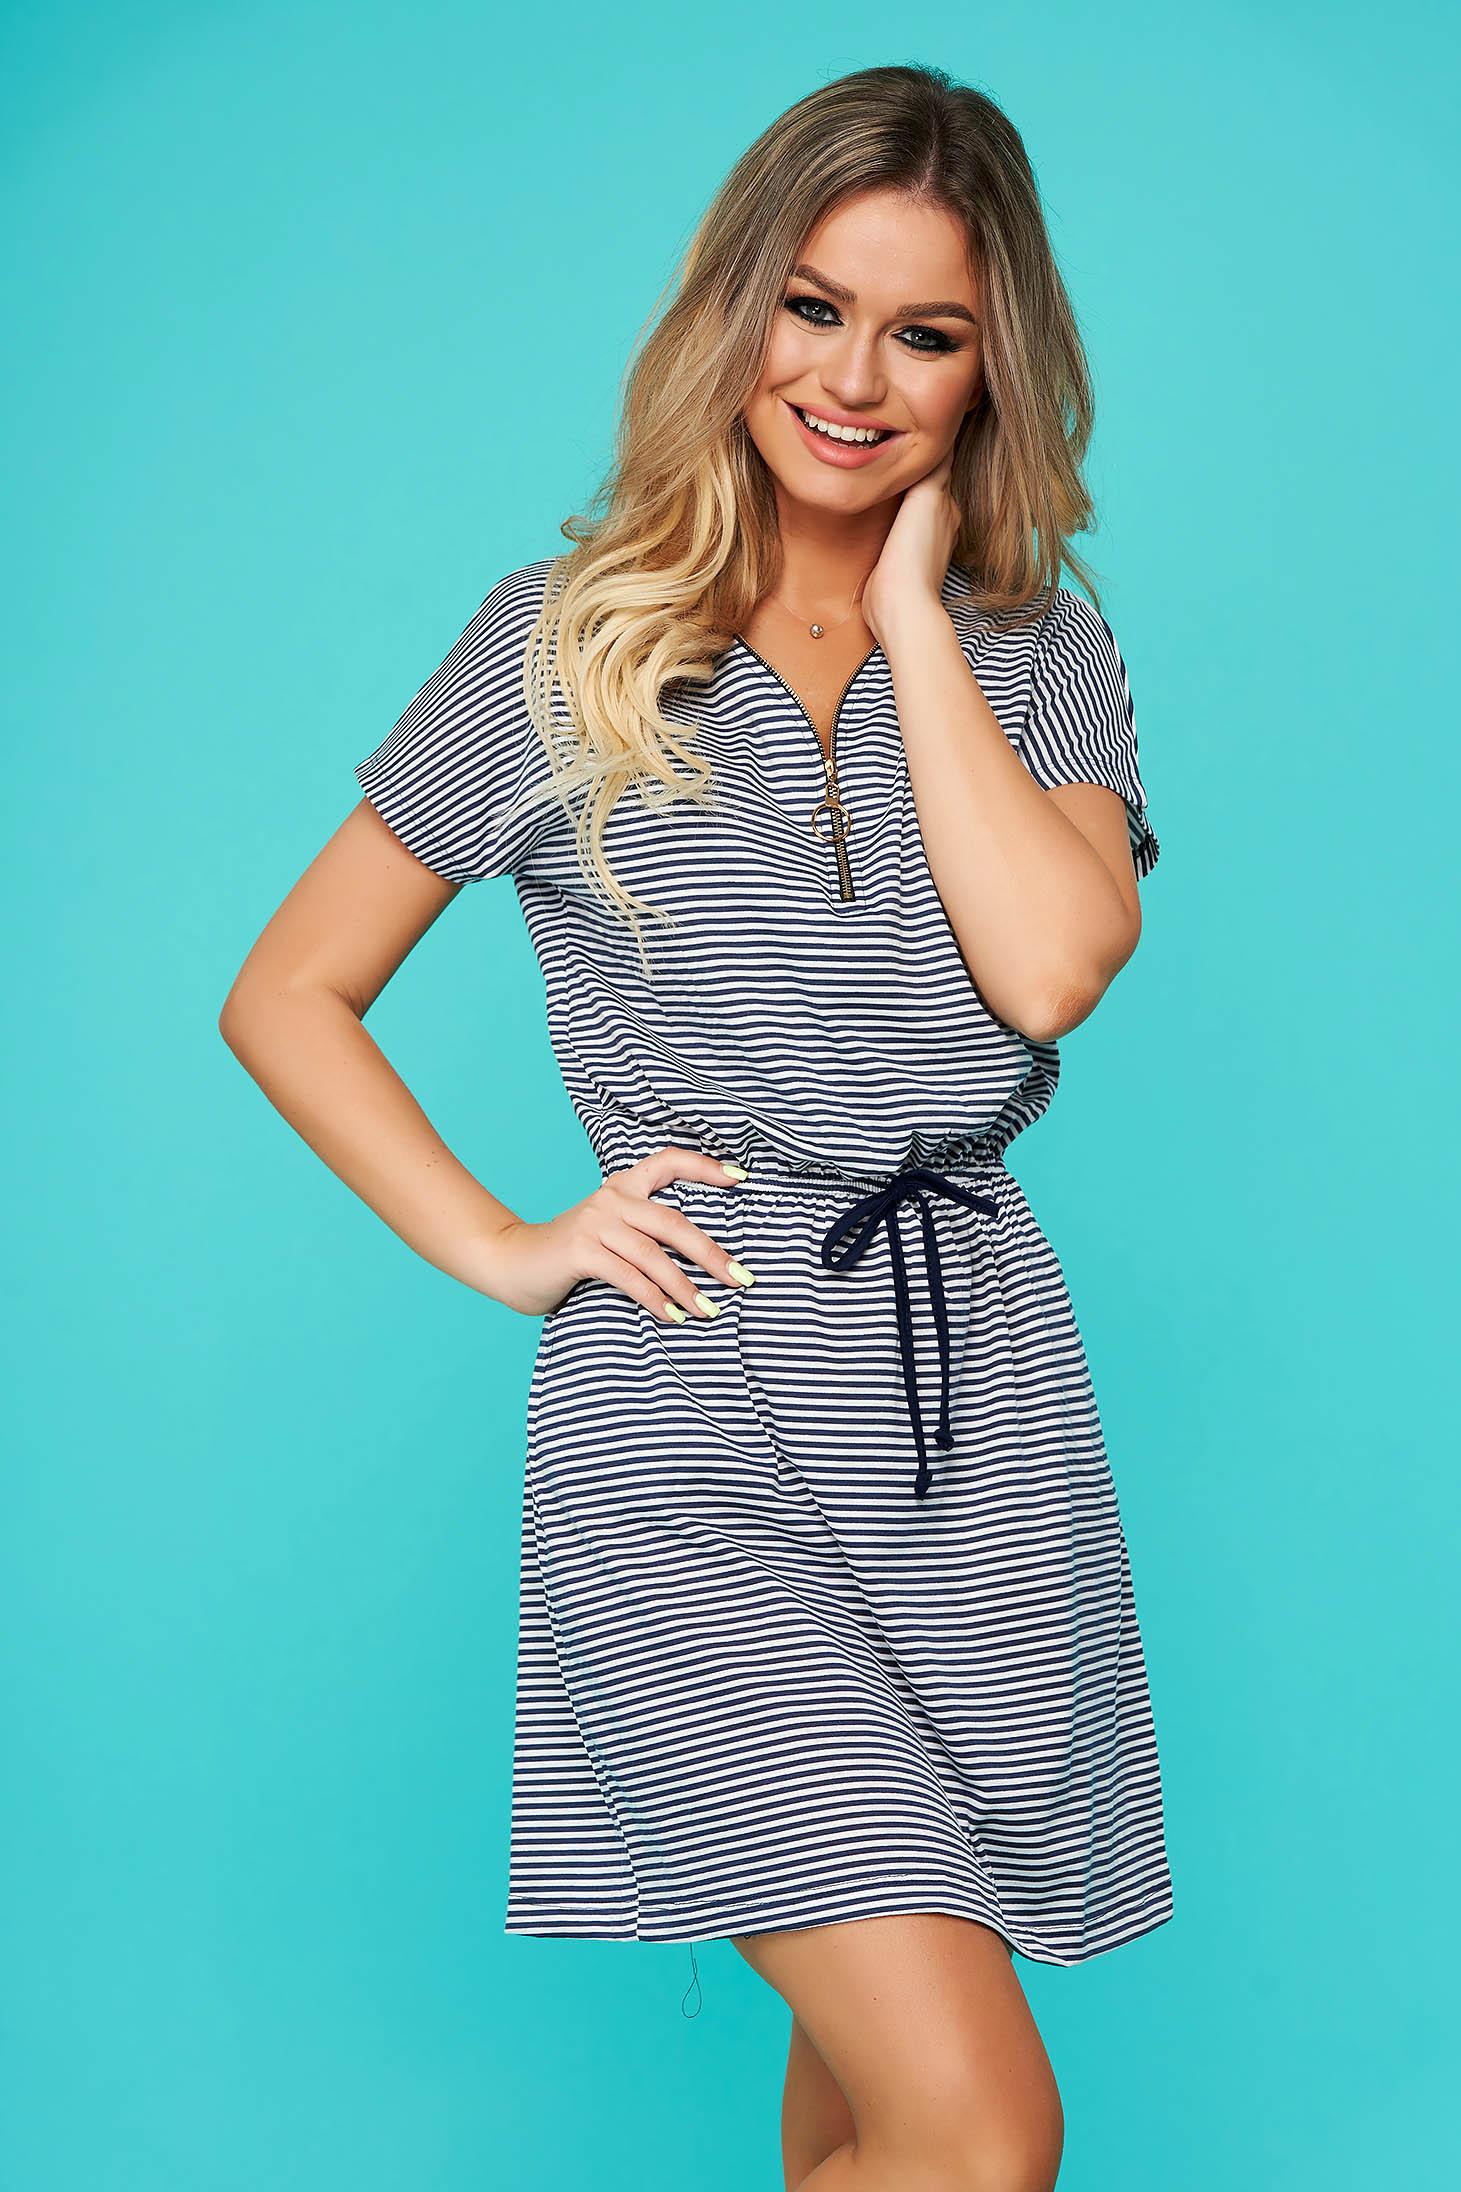 Rochie SunShine albastru-inchis din bumbac casual cu un croi drept cu elastic in talie accesorizata cu fermoar